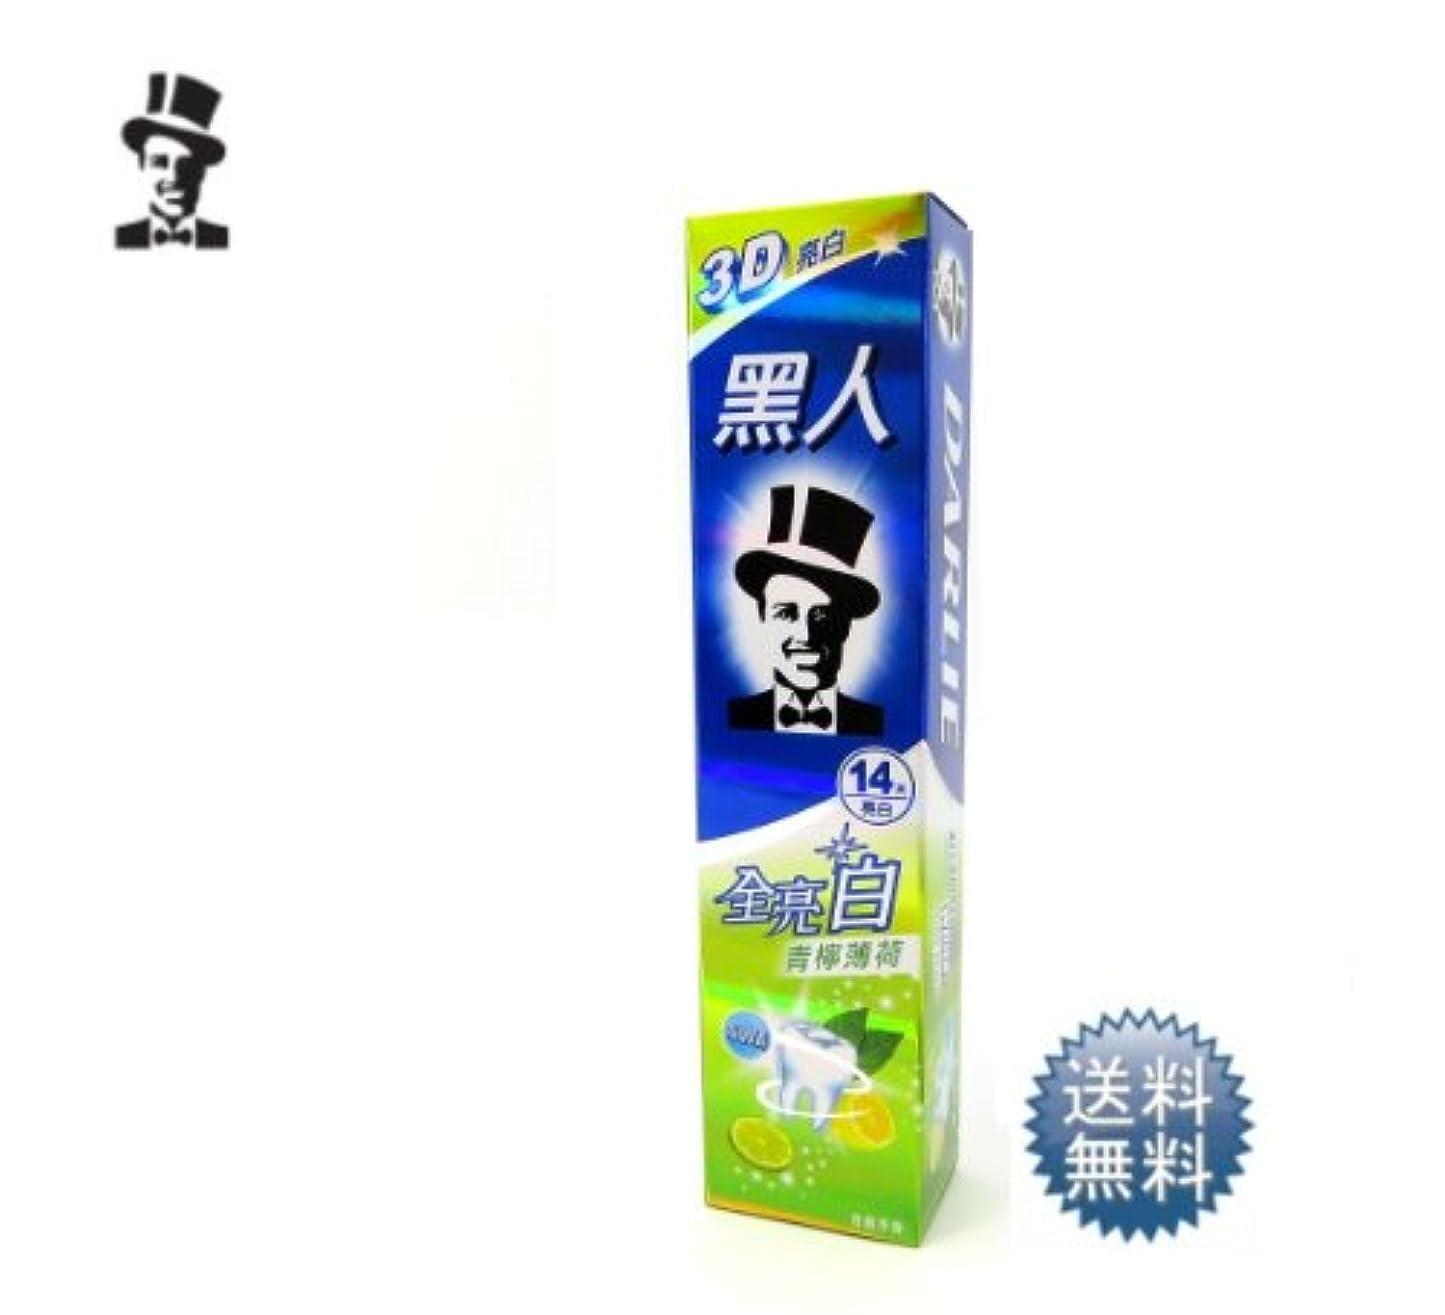 カップル昨日ピッチャー台湾 黒人 歯磨き 全亮白 青檸薄荷 140g